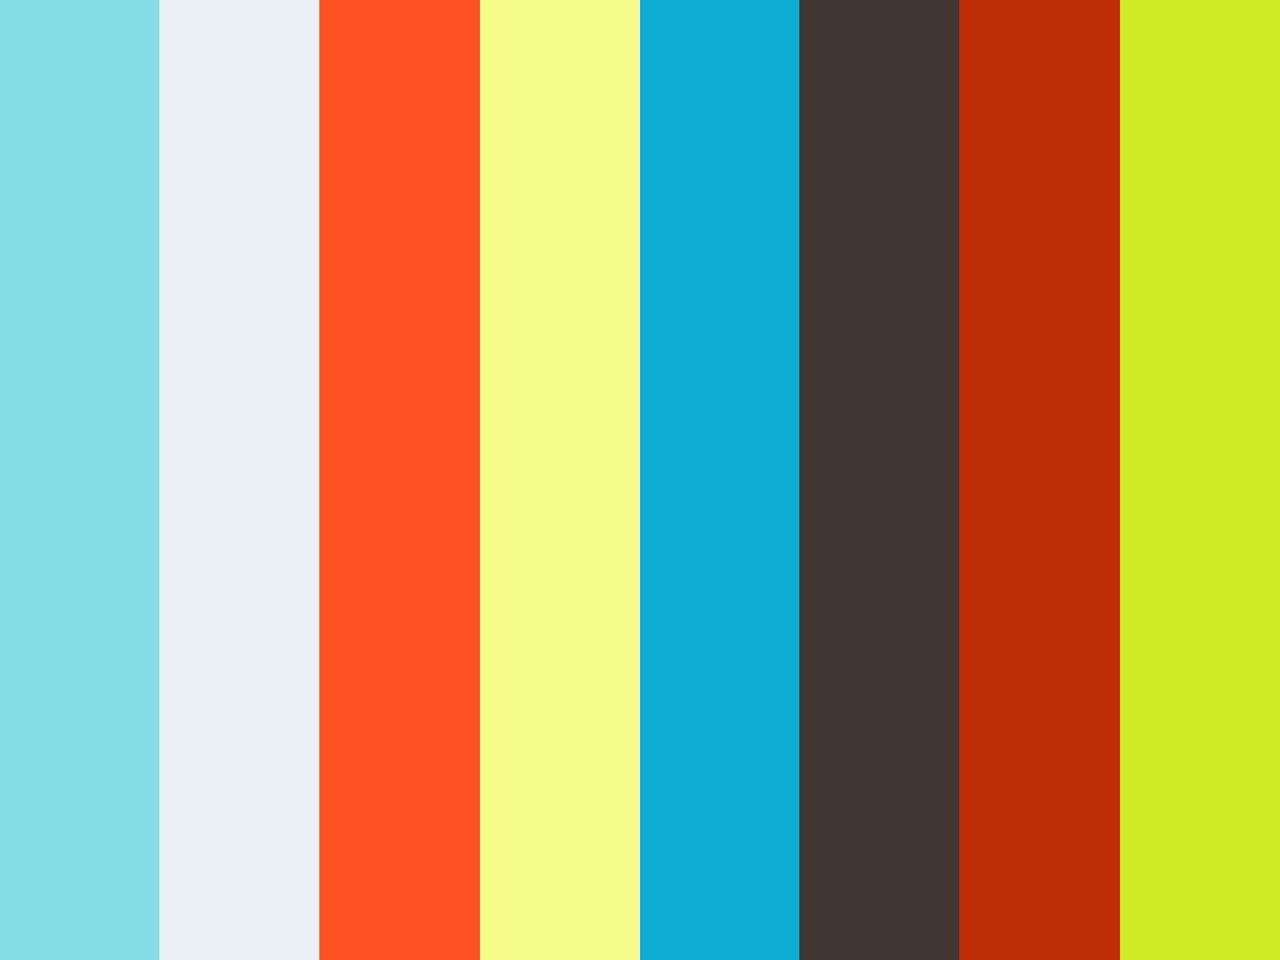 Blink Rays - VJ Loop Pack (4in1)